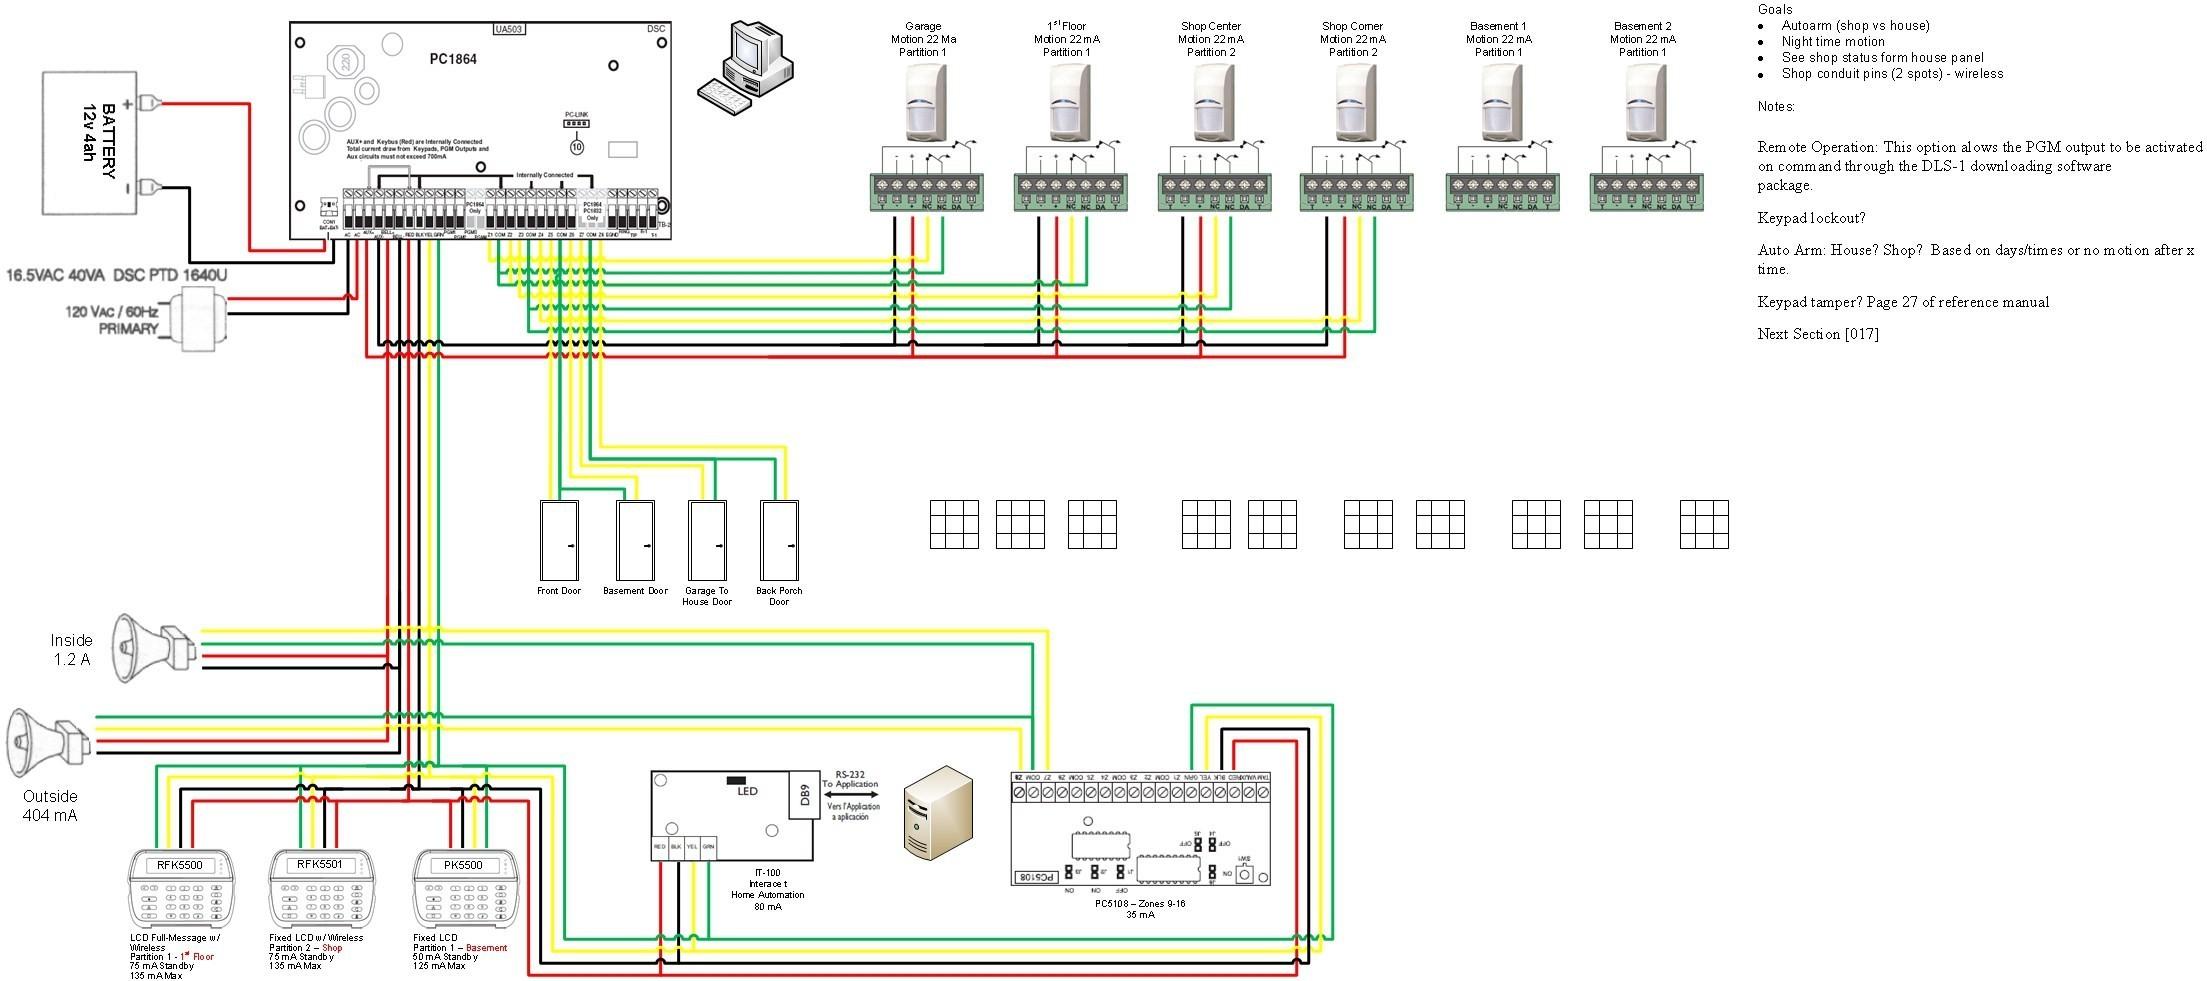 Car Alarm System Wiring Diagram Dsc Alarm Wiring Diagram Wiring